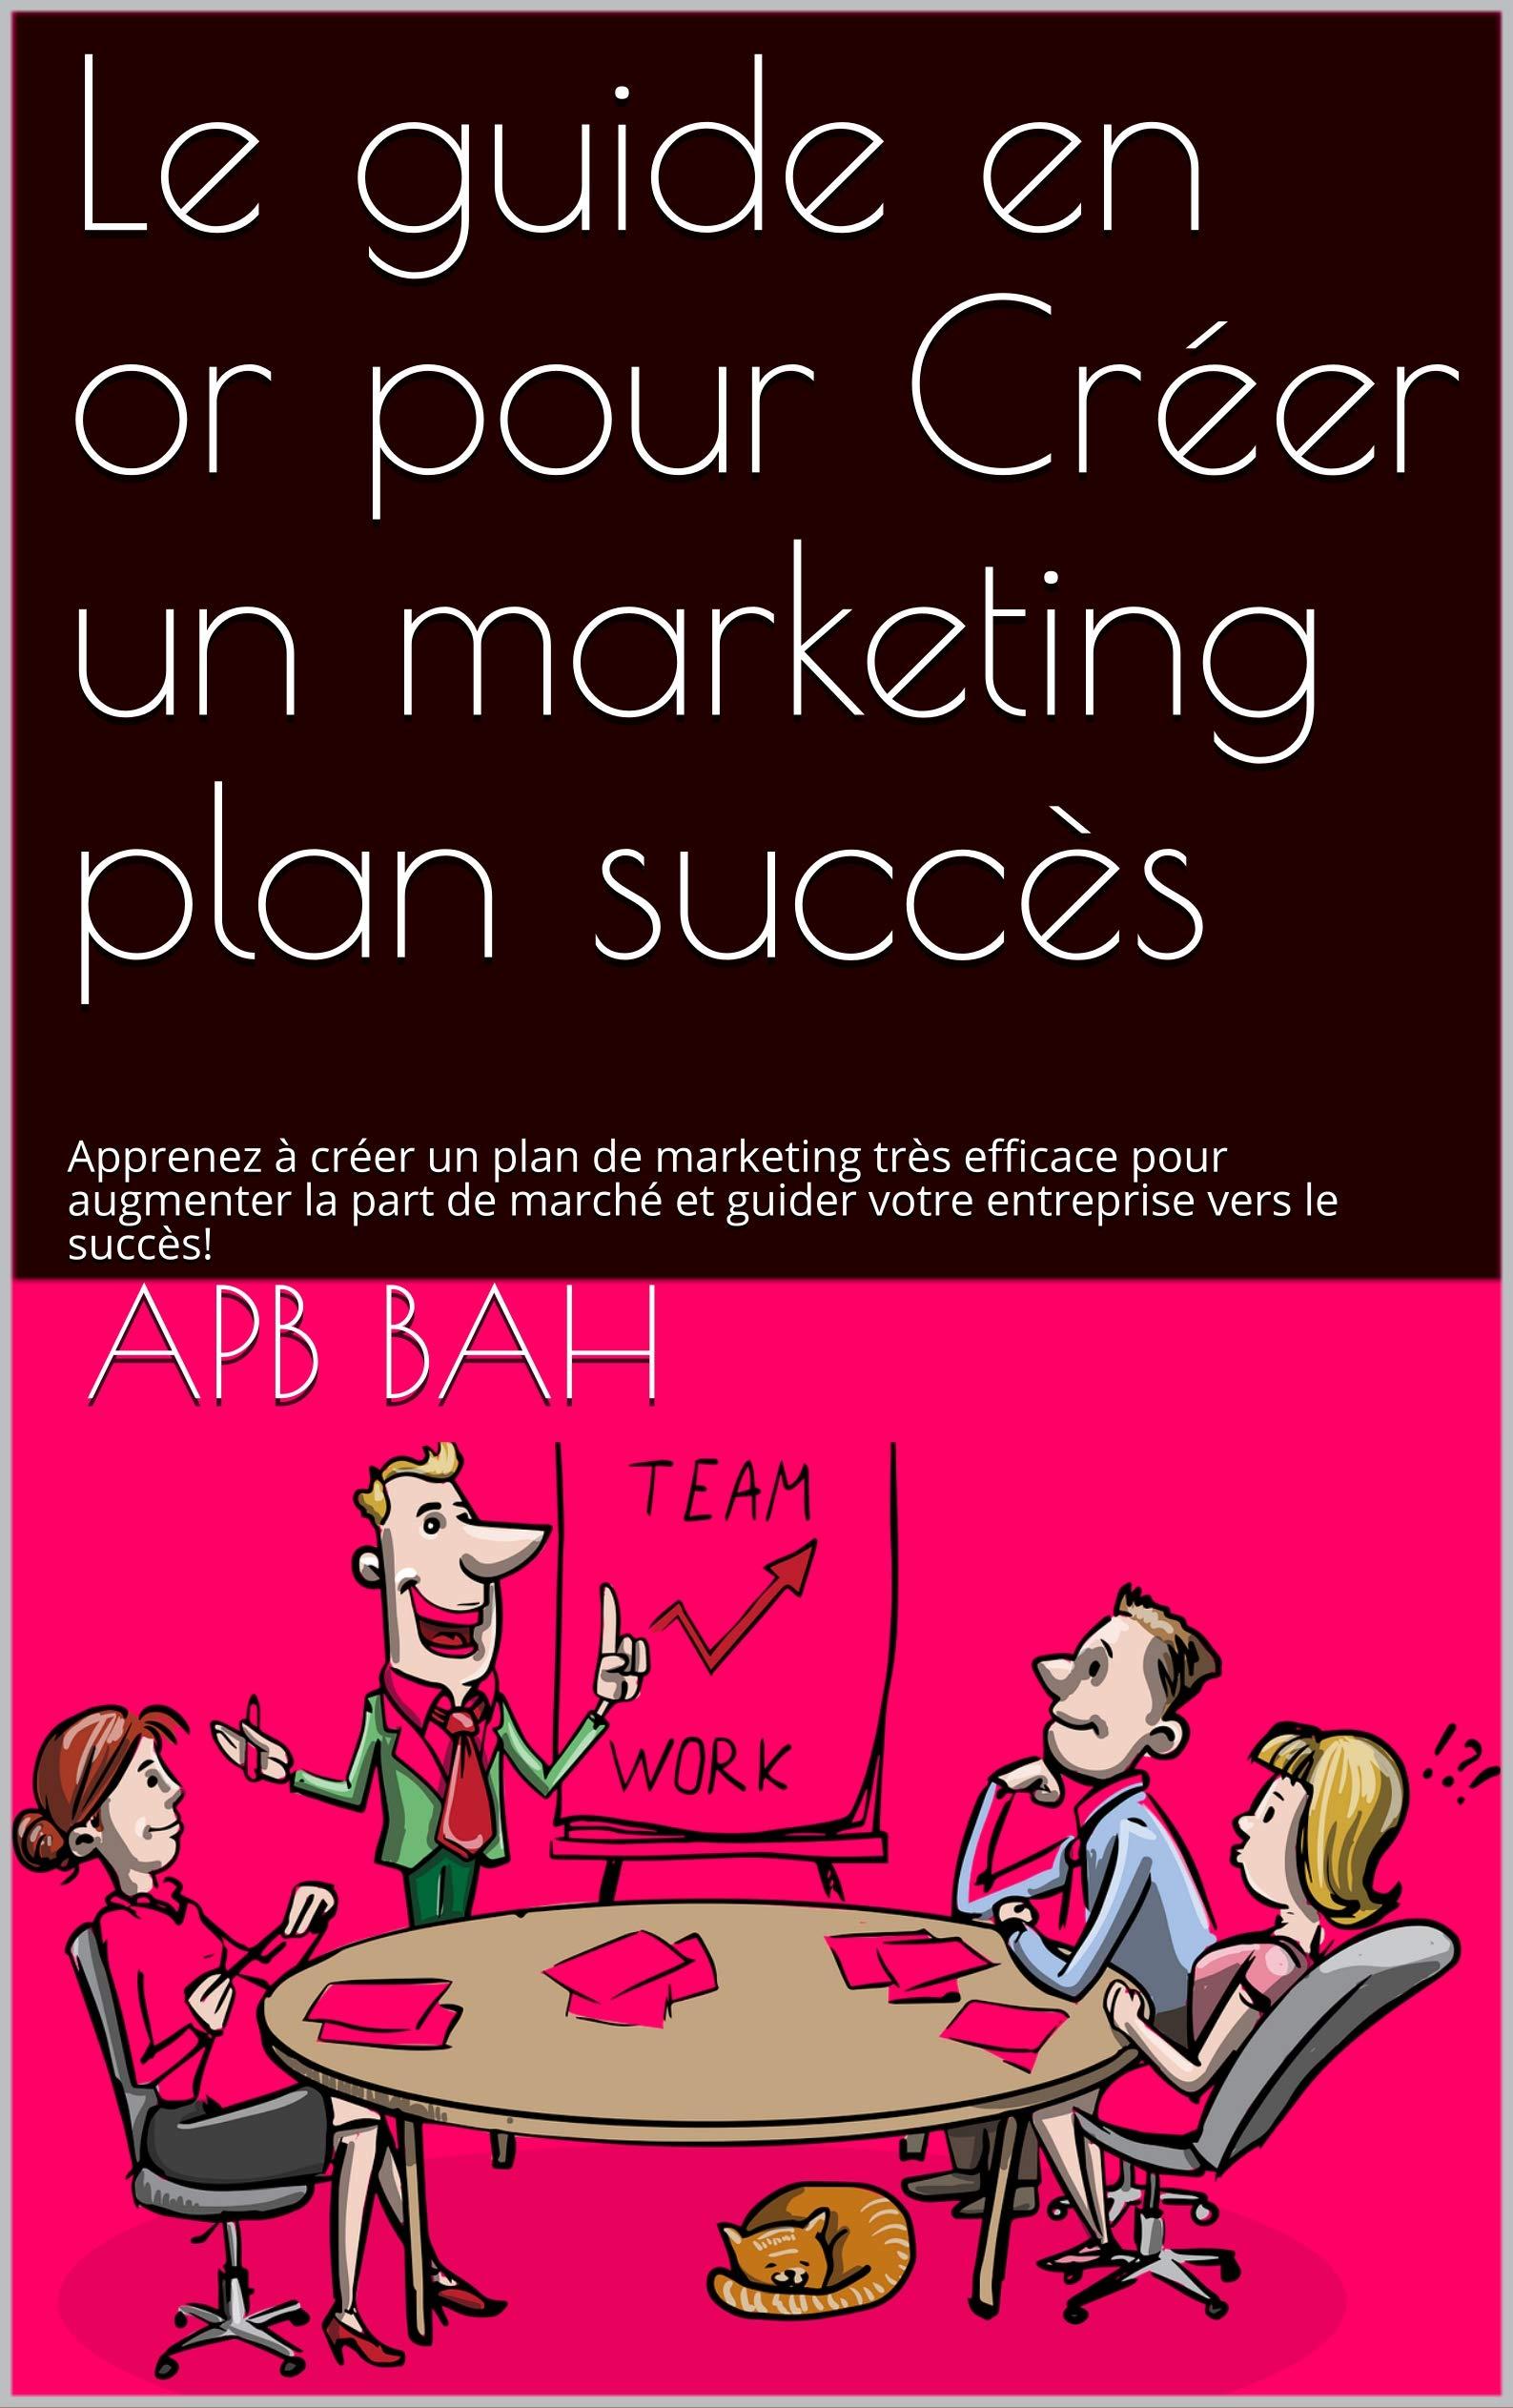 Le guide en or pour Créer un marketing plan à succès: Apprenez à créer un plan de marketing très efficace pour augmenter la part de marché et guider votre entreprise vers le succès! (French Edition)